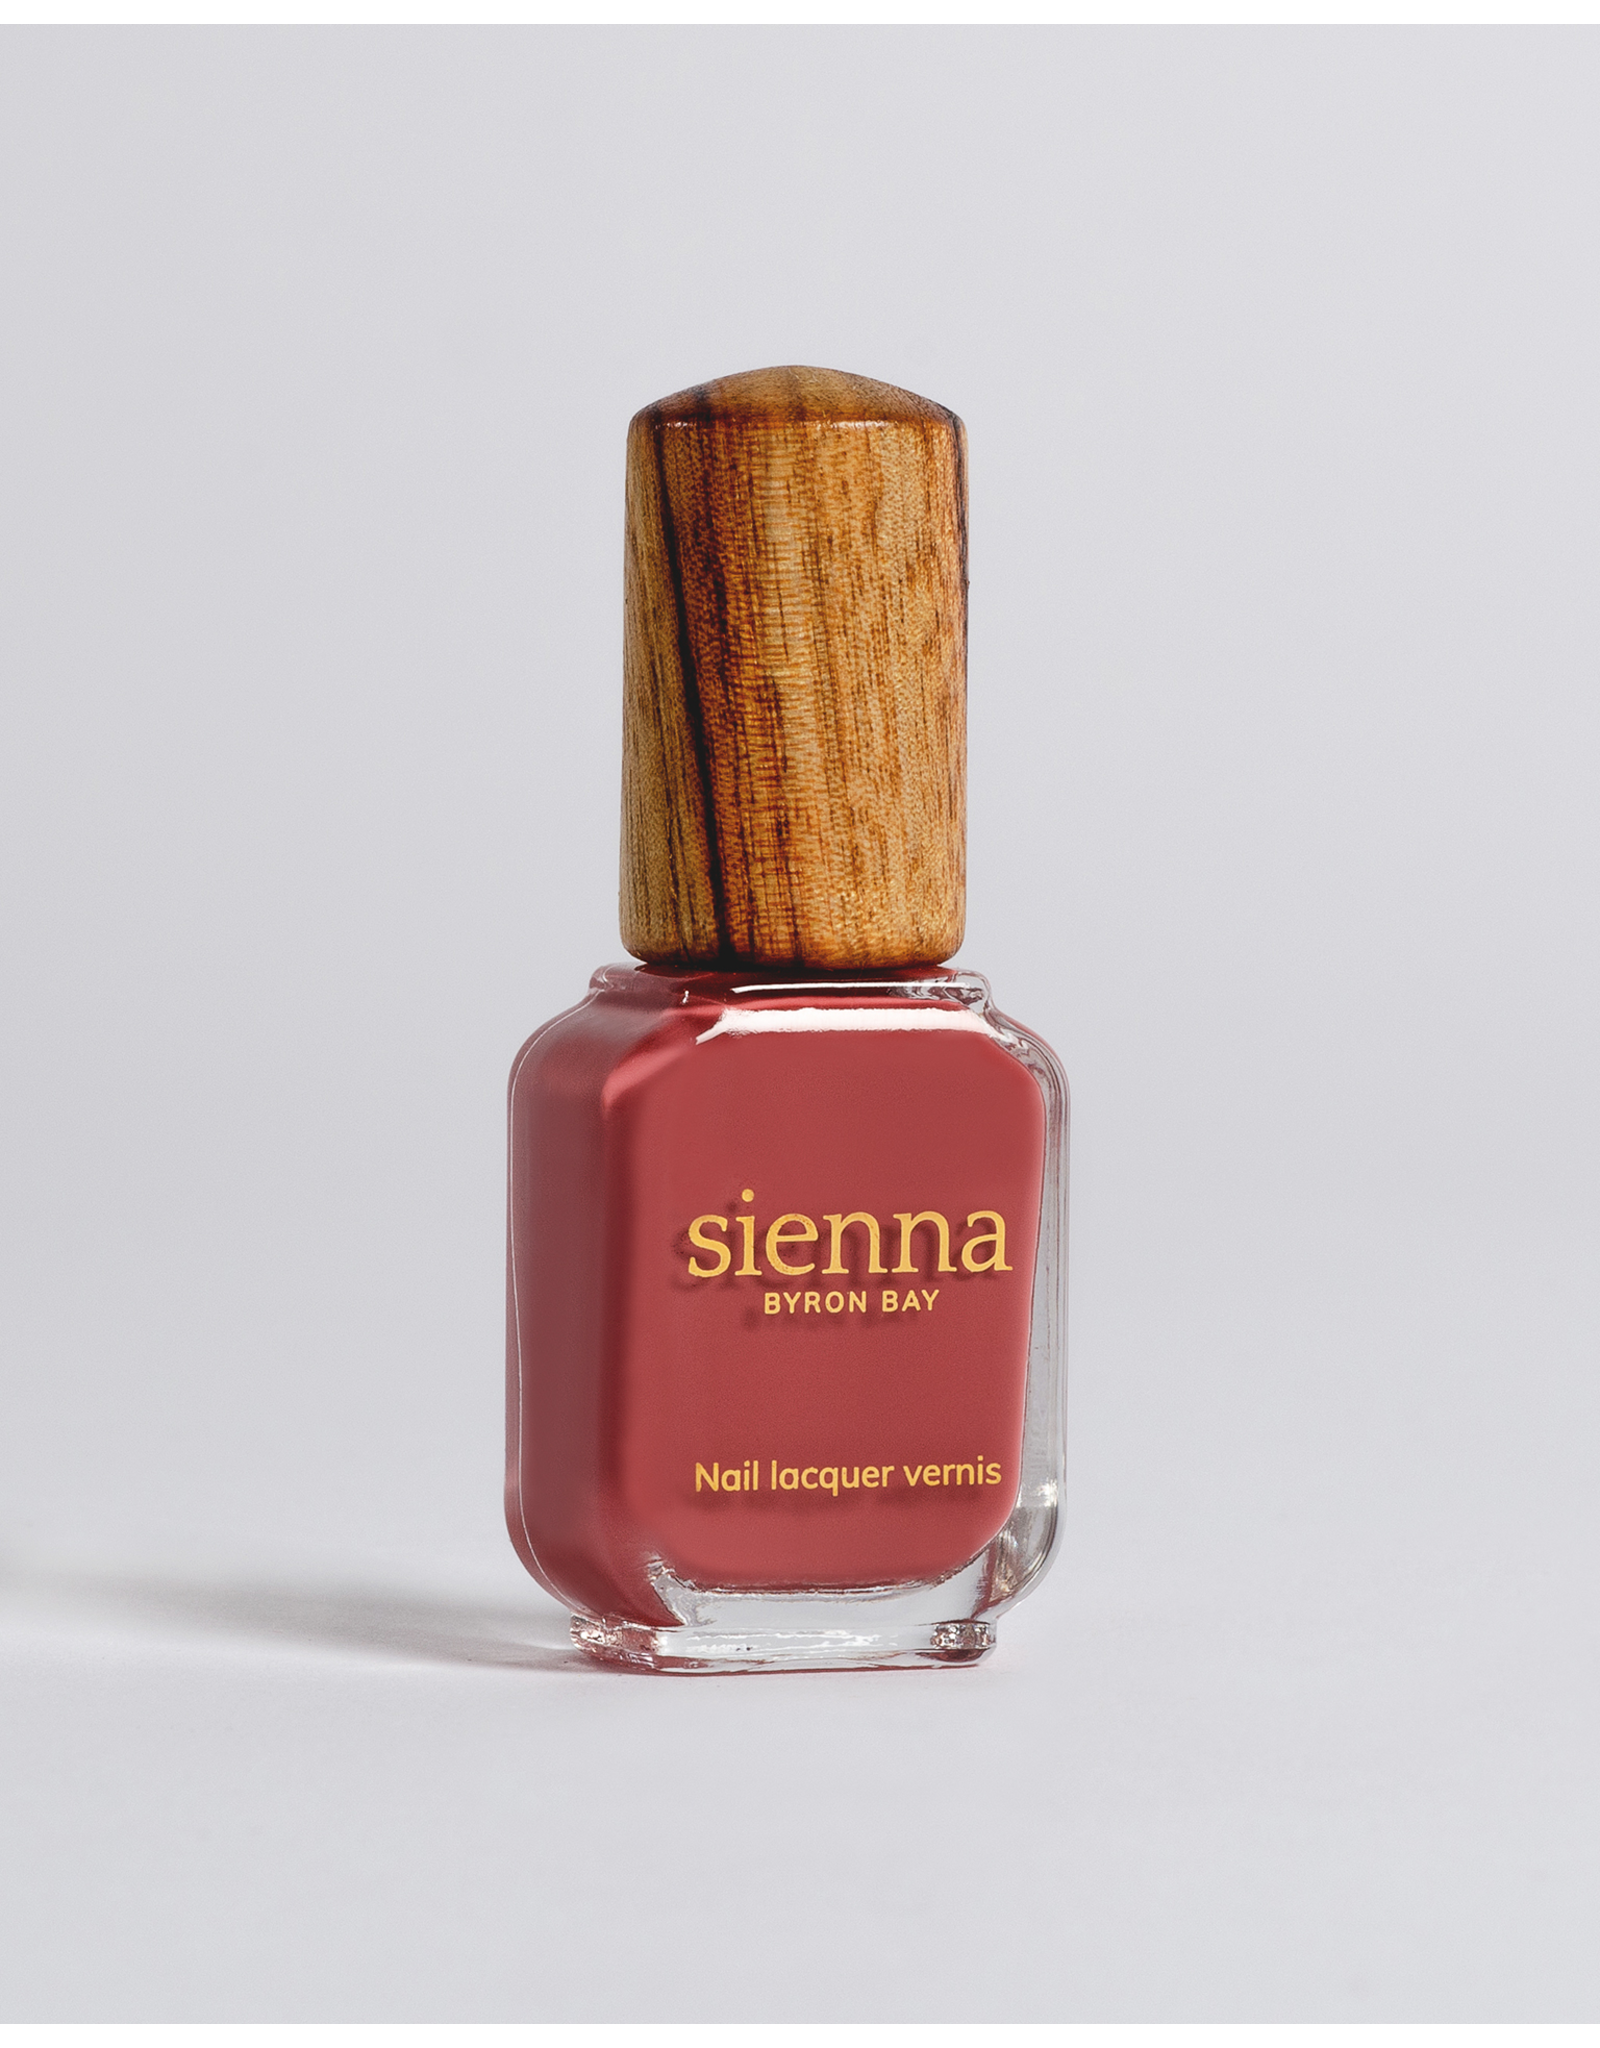 Sienna Byron Bay Muse Nail Polish